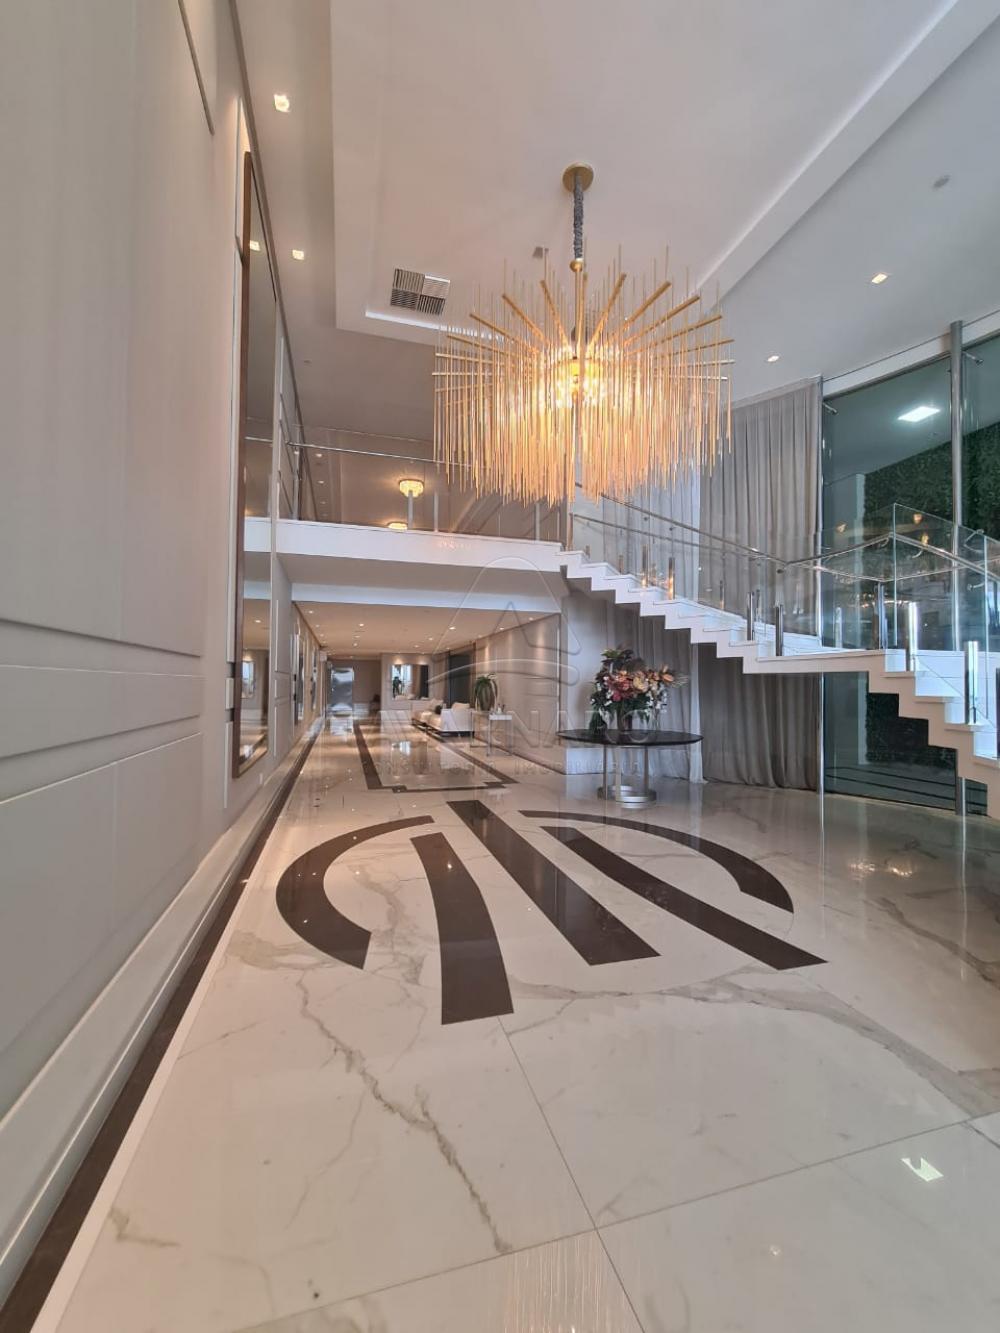 Comprar Apartamento / Padrão em Balneário Camboriú apenas R$ 12.330.000,00 - Foto 1